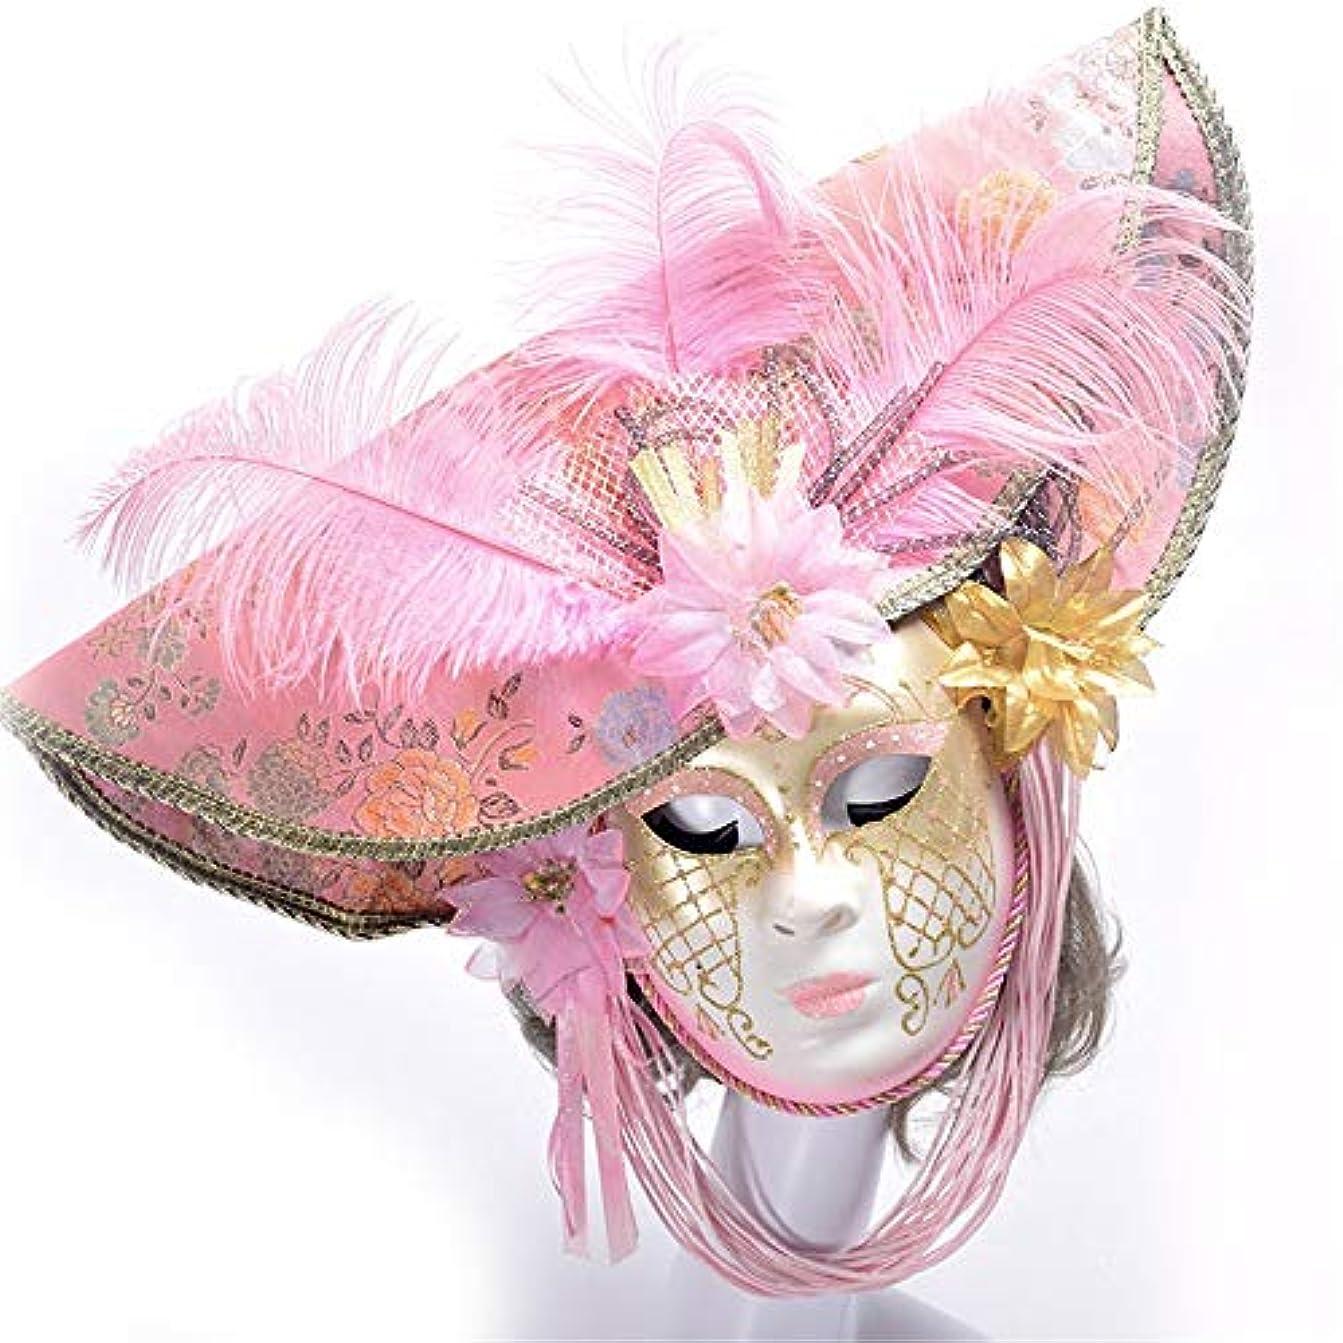 急いで桁把握ダンスマスク プレミアムピンクフェザーズアンドフラワーズフェスティバルコスプレナイトクラブパーティーマスクレディースハロウィンハンドメイドペイントマスク ホリデーパーティー用品 (色 : ピンク, サイズ : 55x35cm)